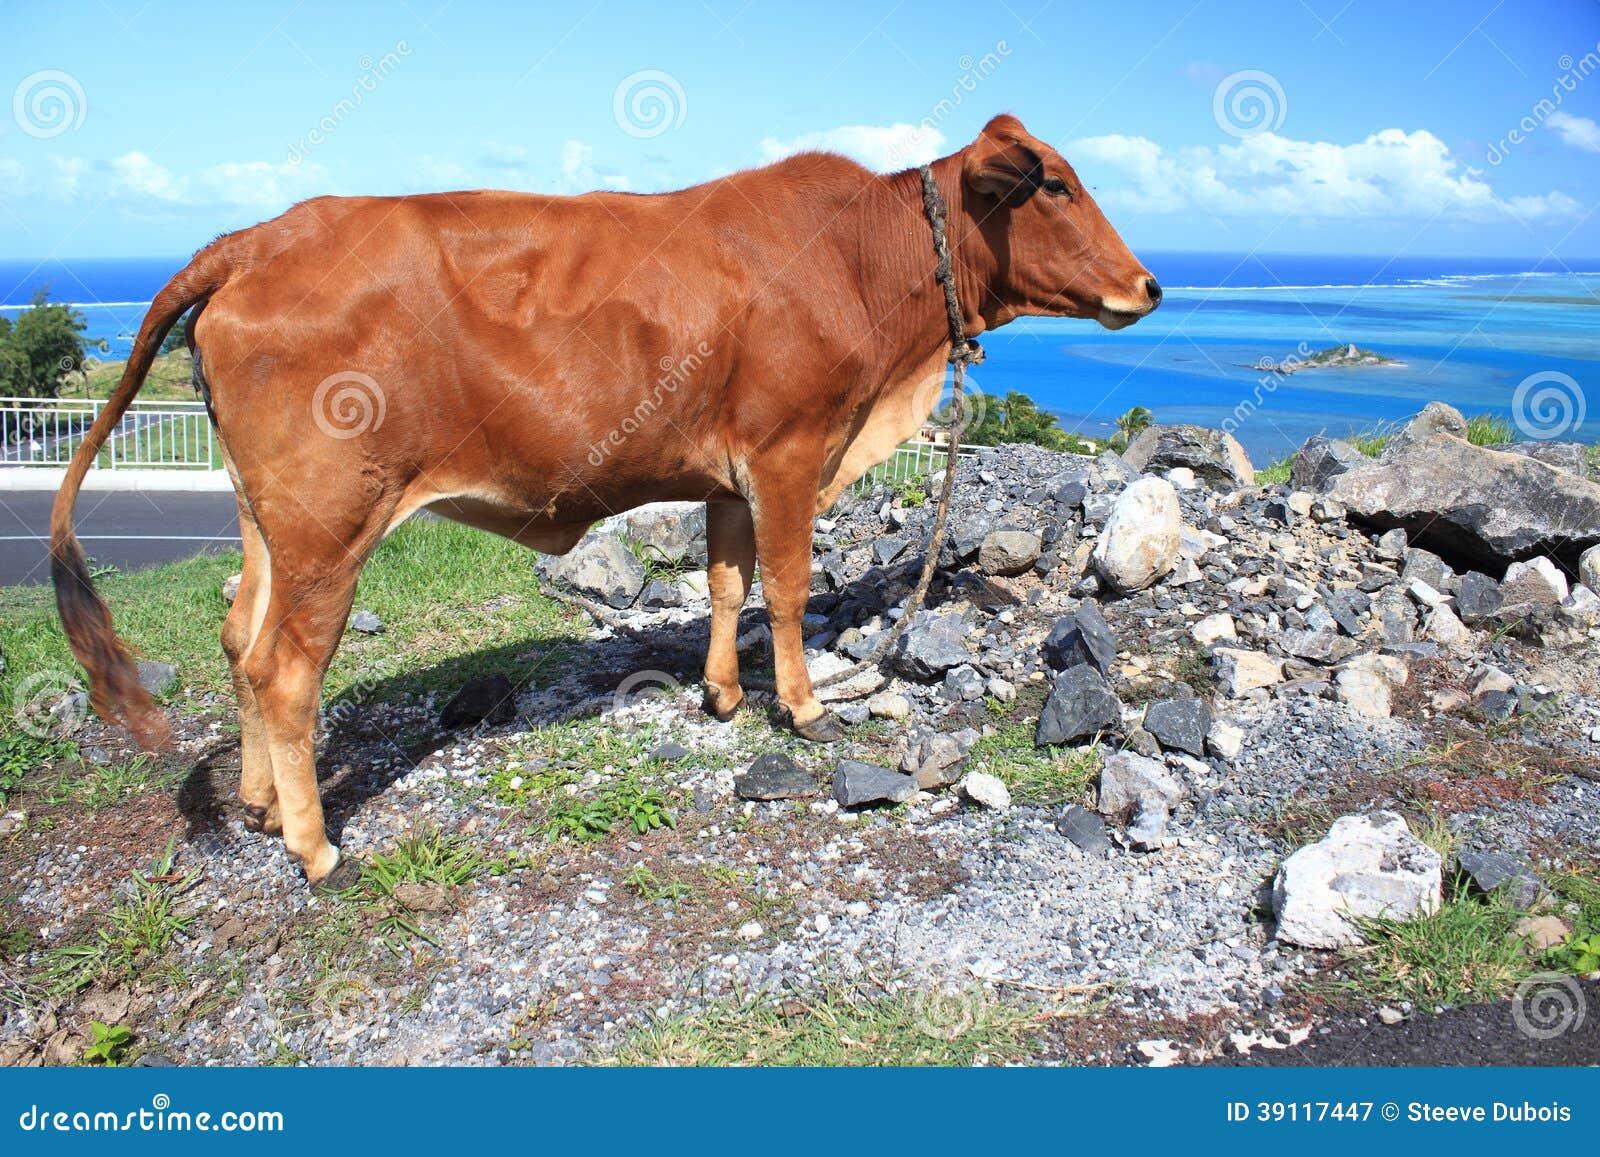 Bruine koe door de kant van de weg